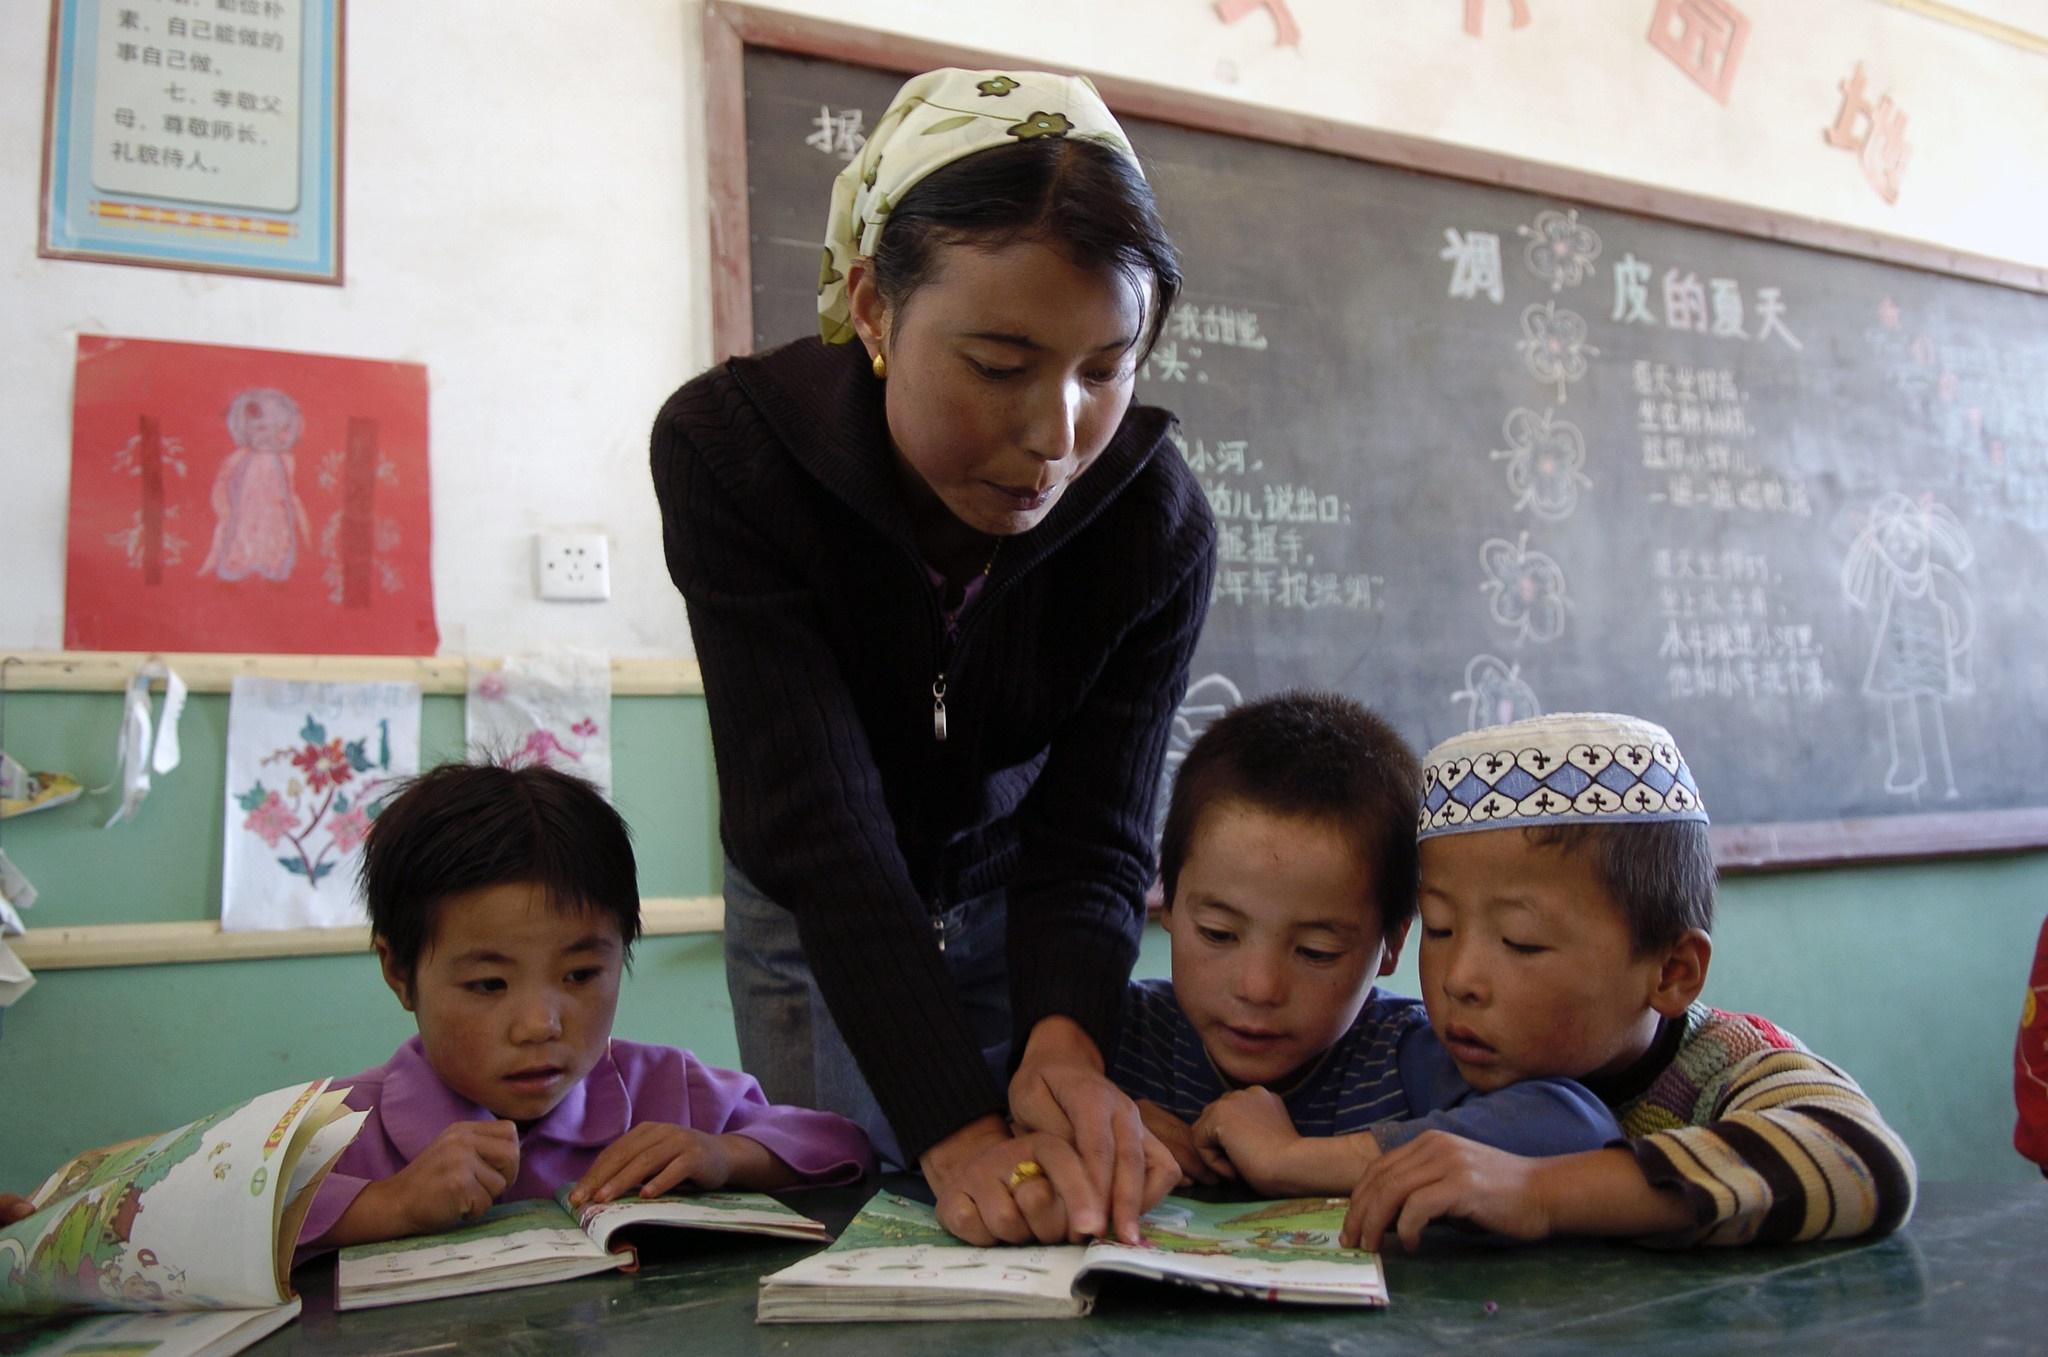 Nainen kumartuneena kirjaa kohti kahden lapsen välissä. Kolmas lapsi tutki omaa kirjaansa. Taustalla liitutaulu.